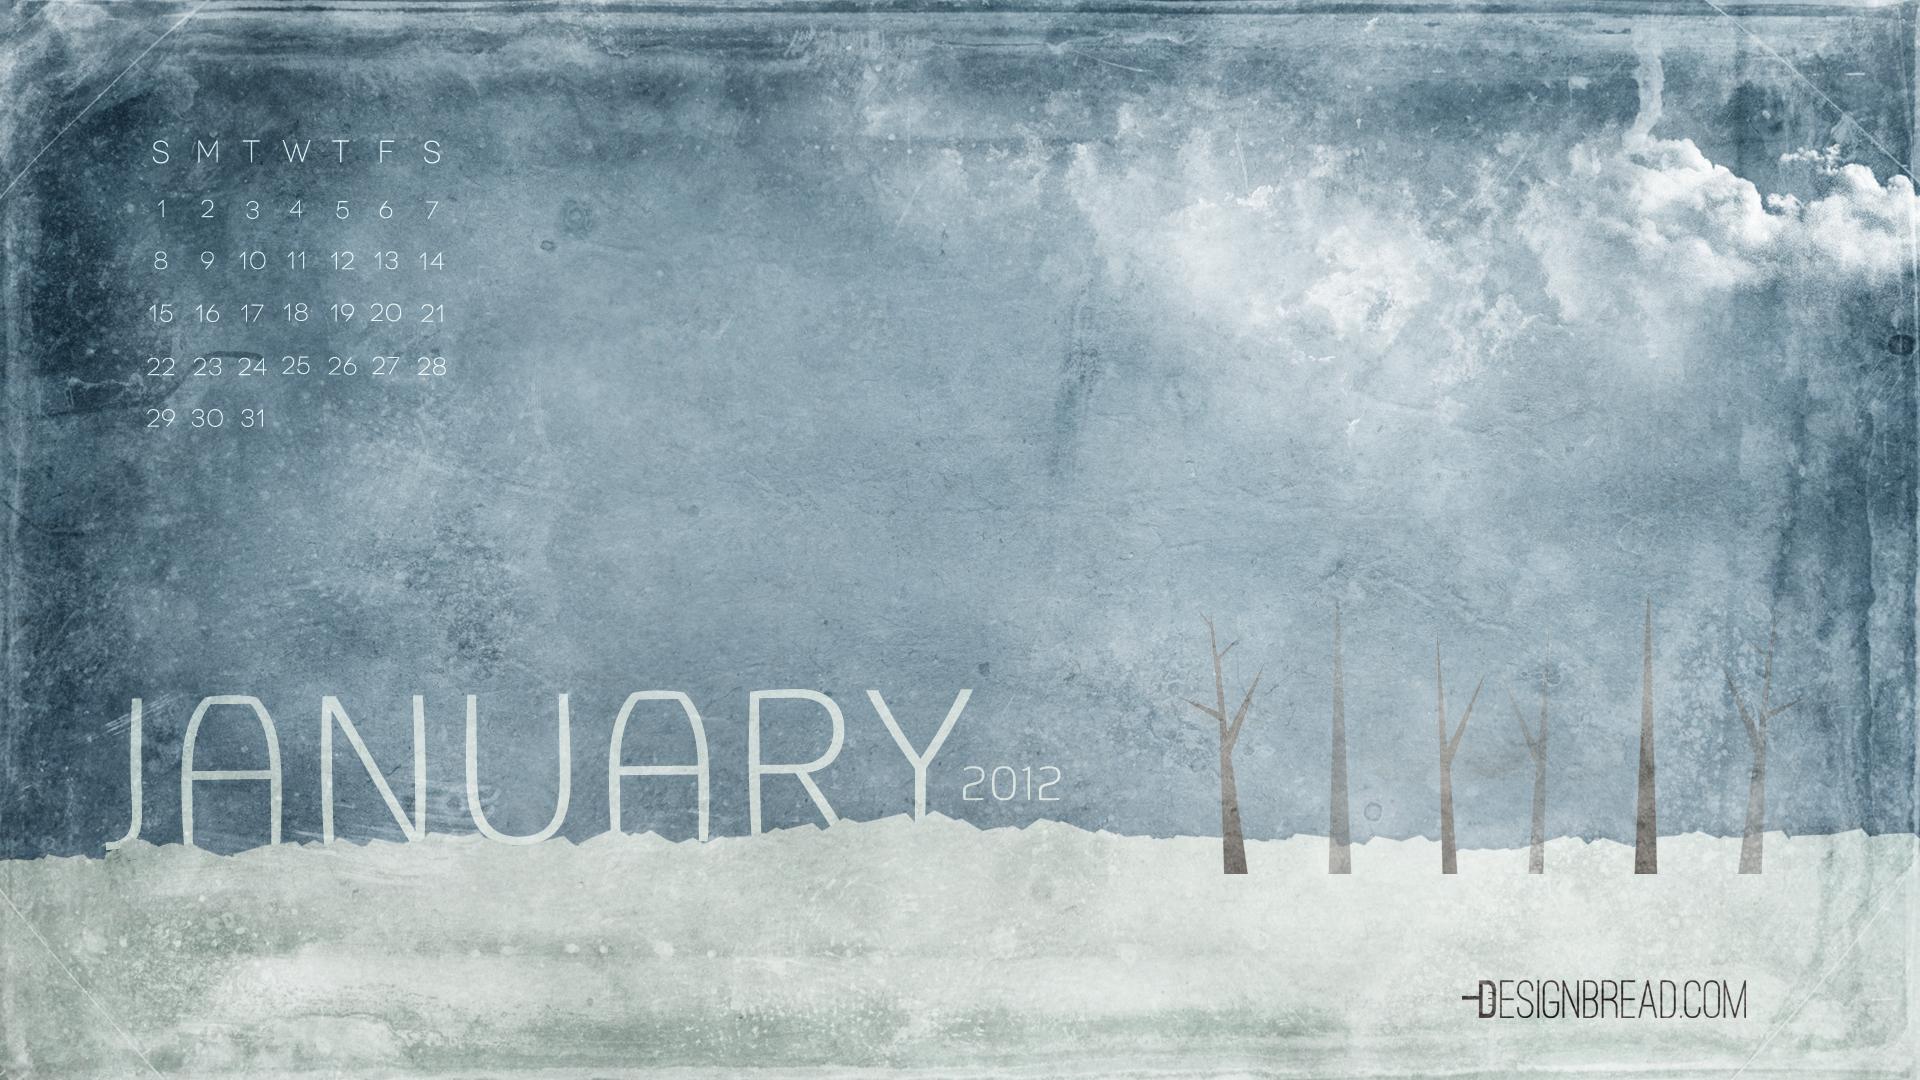 January Calendar Wallpaper Hd : January wallpaper wallpapersafari